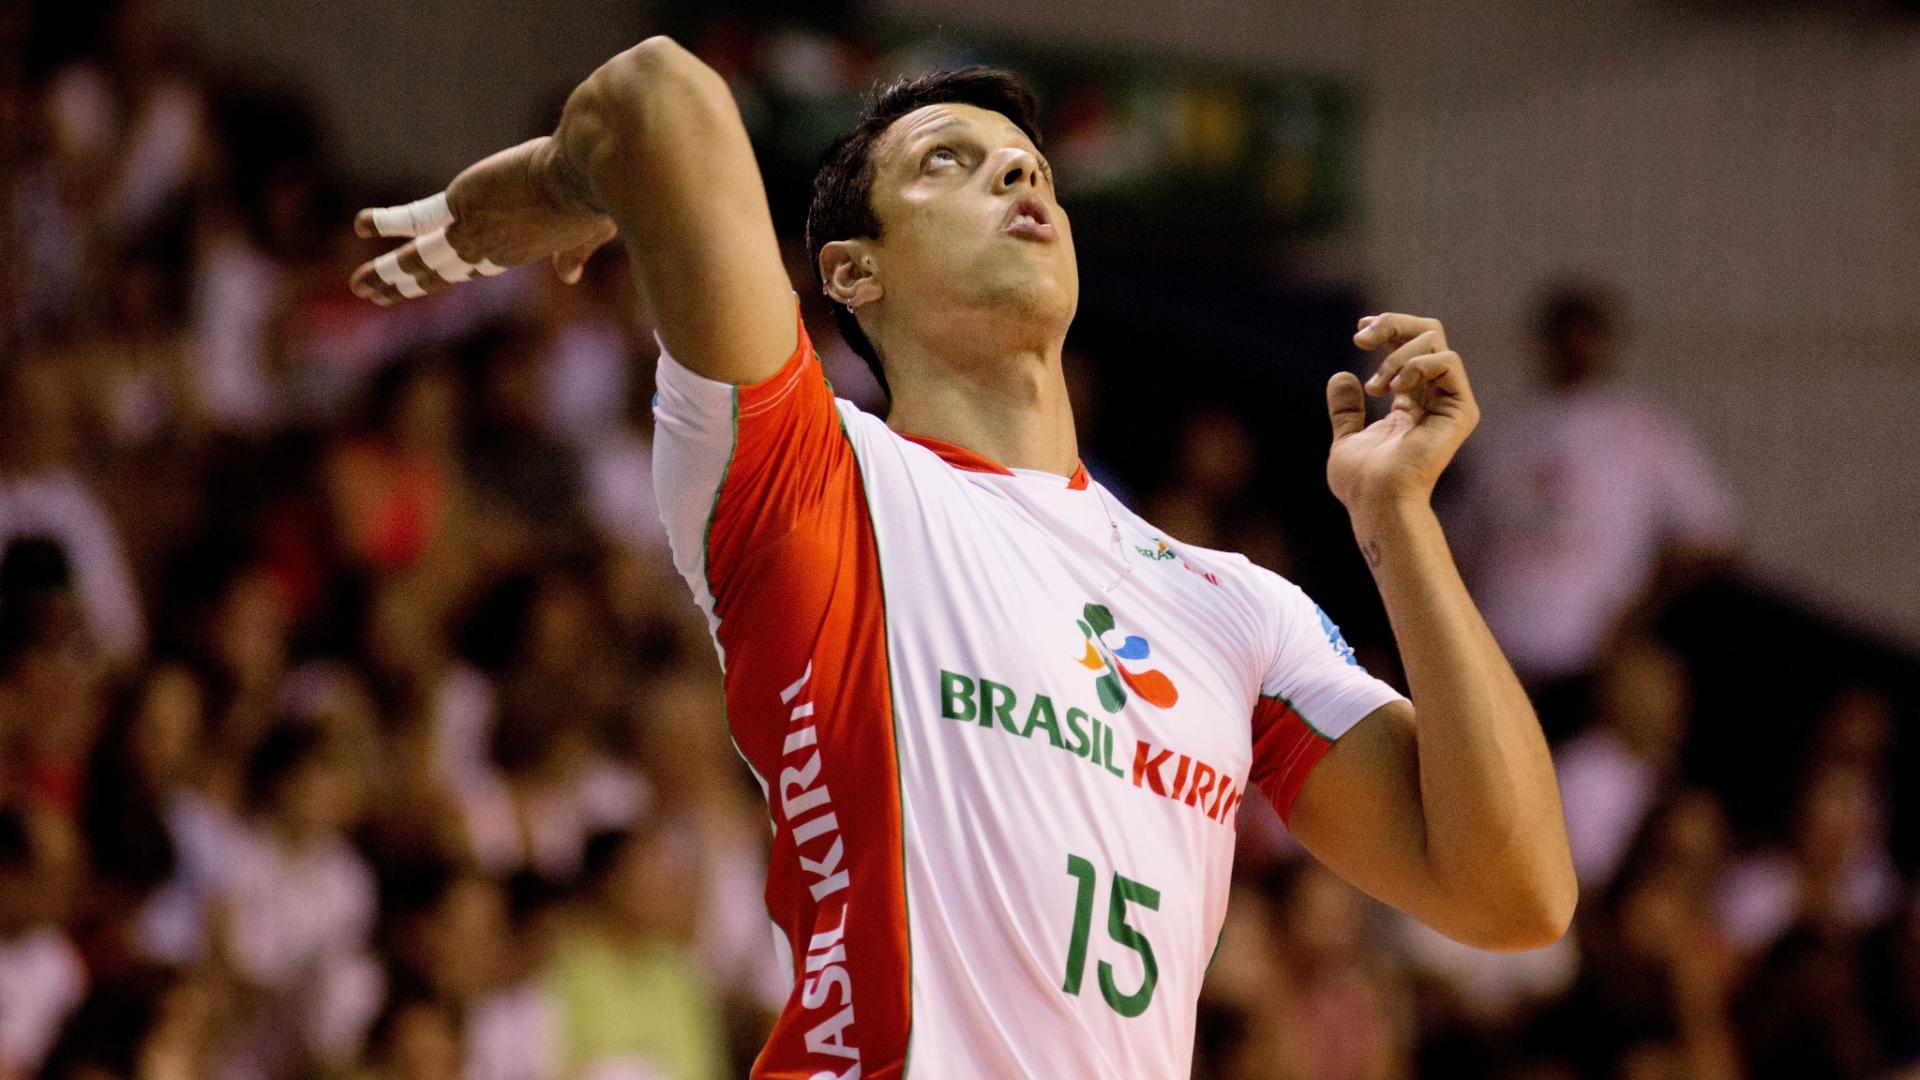 Michael em ação pelo Vôlei Brasil Kirin, de Campinas